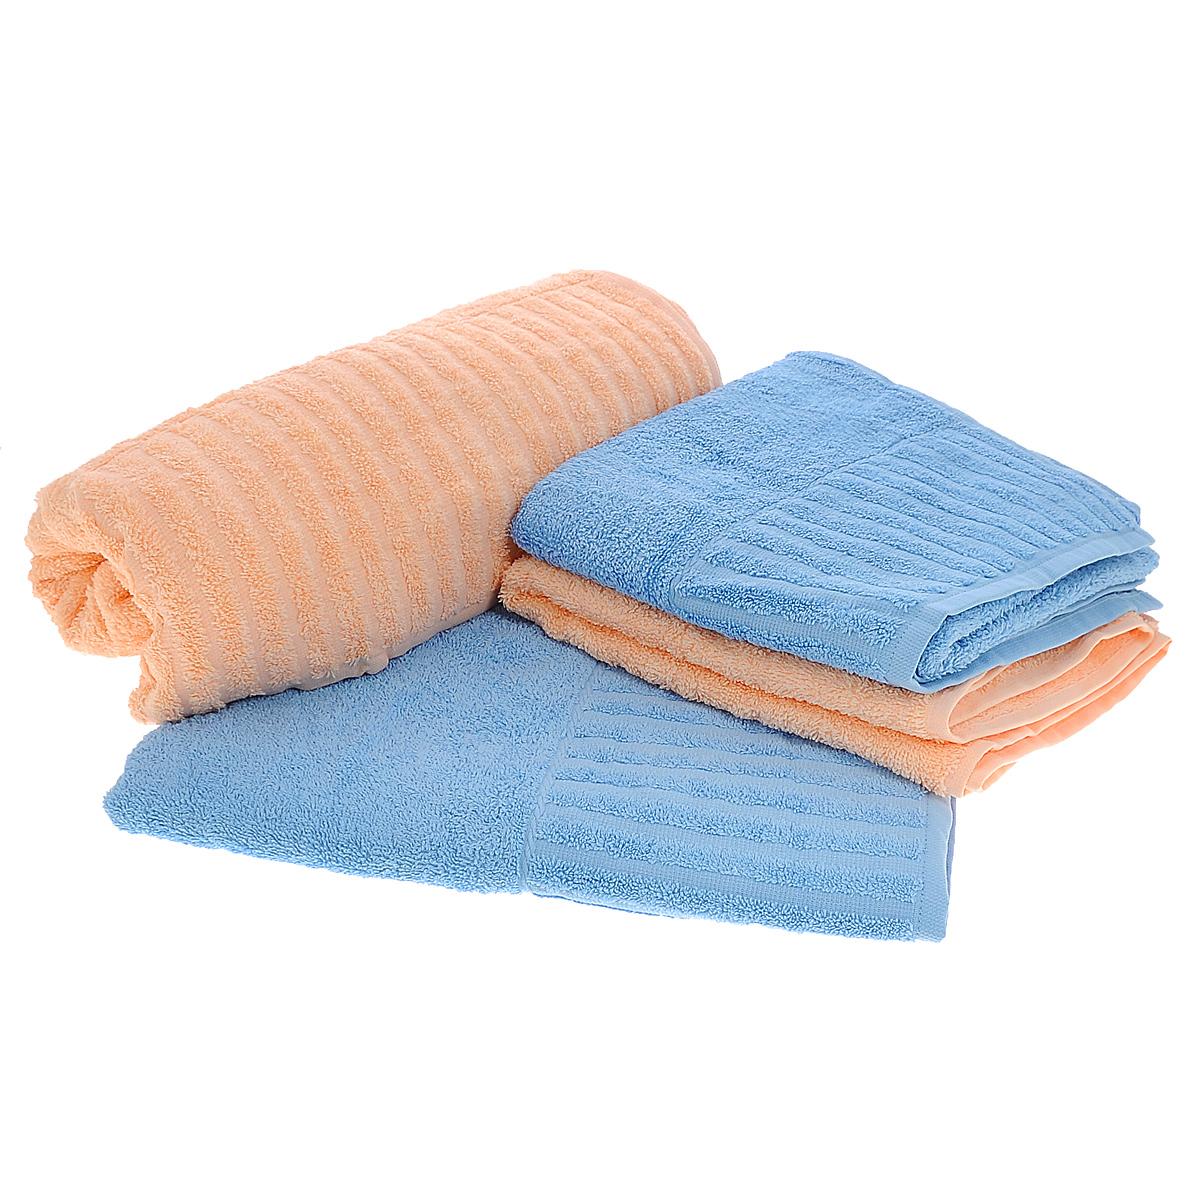 Набор полотенец Bonita, цвет: голубой, персиковый, 4 шт01011116231_голубой, персиковыйНабор Bonita состоит из 2 комплектов по 2 полотенца разных размеров и цветов, выполненных из натурального хлопка. Такие полотенца отлично впитывают влагу, быстро сохнут, сохраняют яркость цвета и не теряют формы даже после многократных стирок. Полотенца очень практичны и неприхотливы в уходе. Размер полотенец: 50 х 90 см; 70 х 140 см.